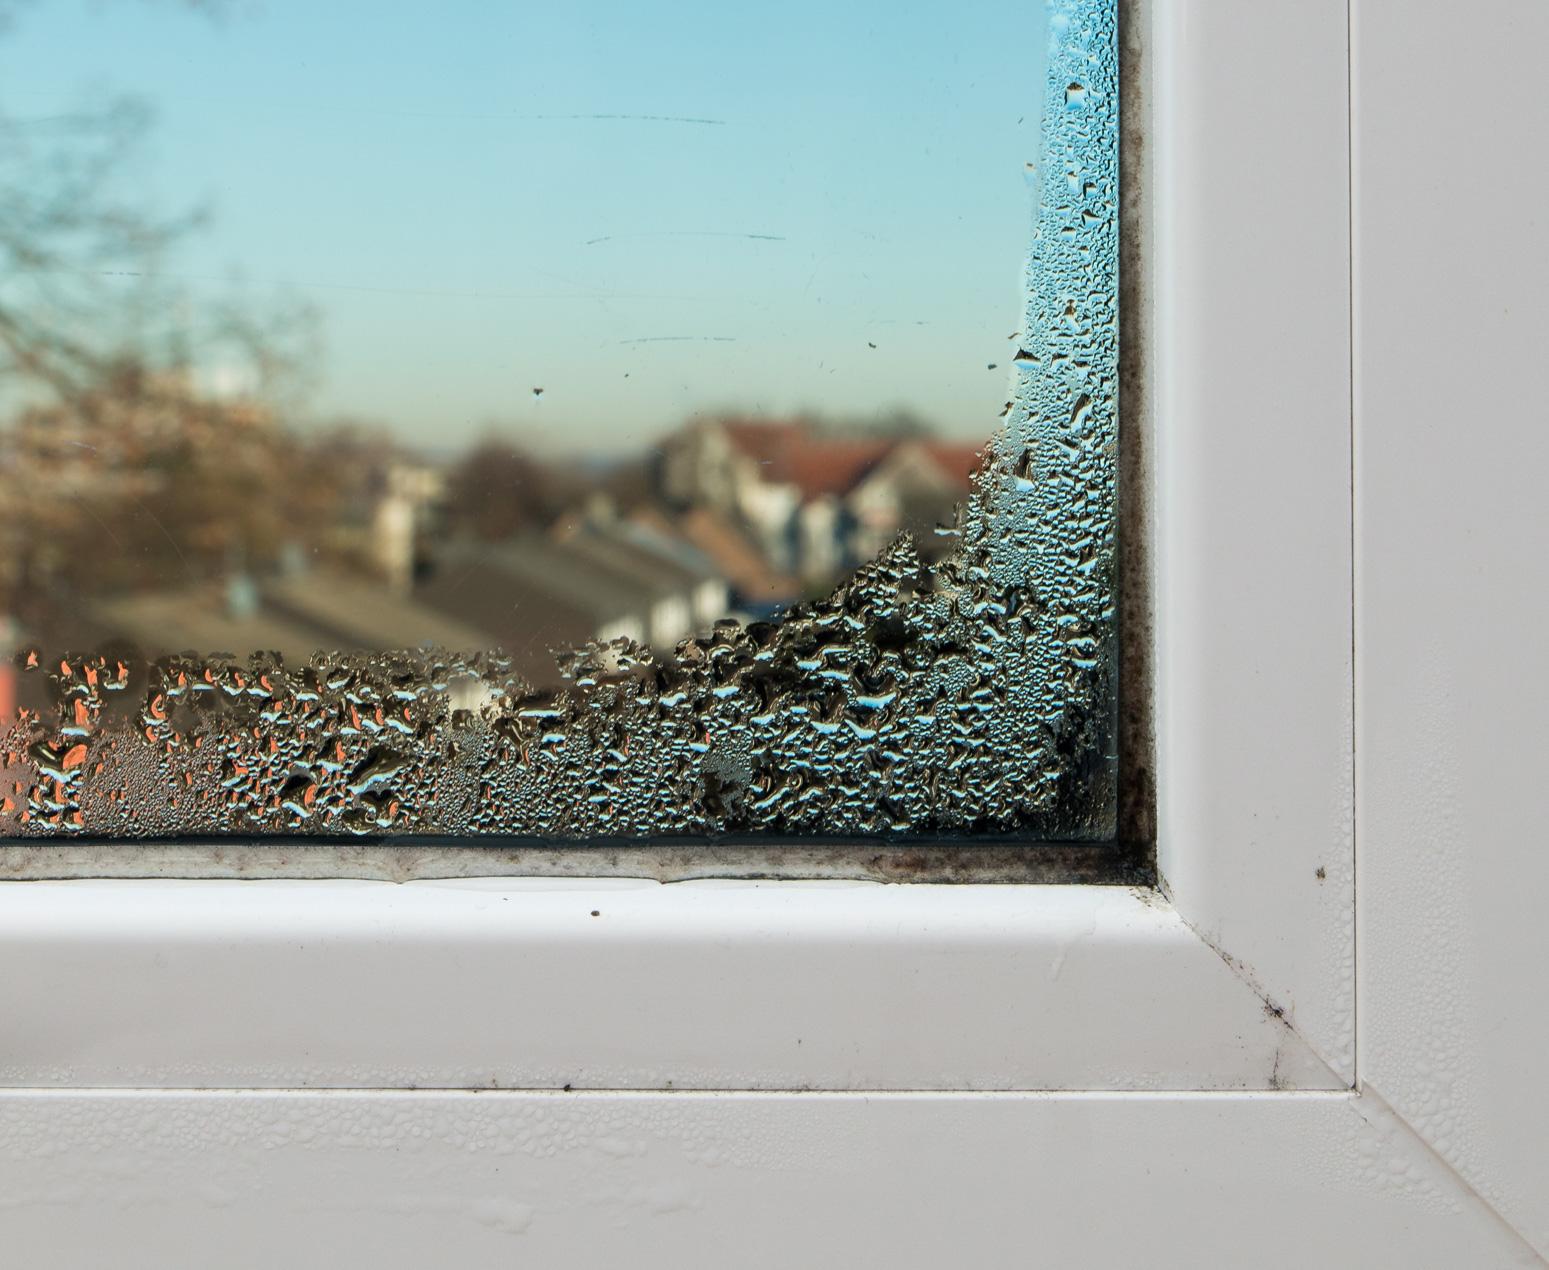 Fensterrahmen mit Kondensfeuchtigkeit